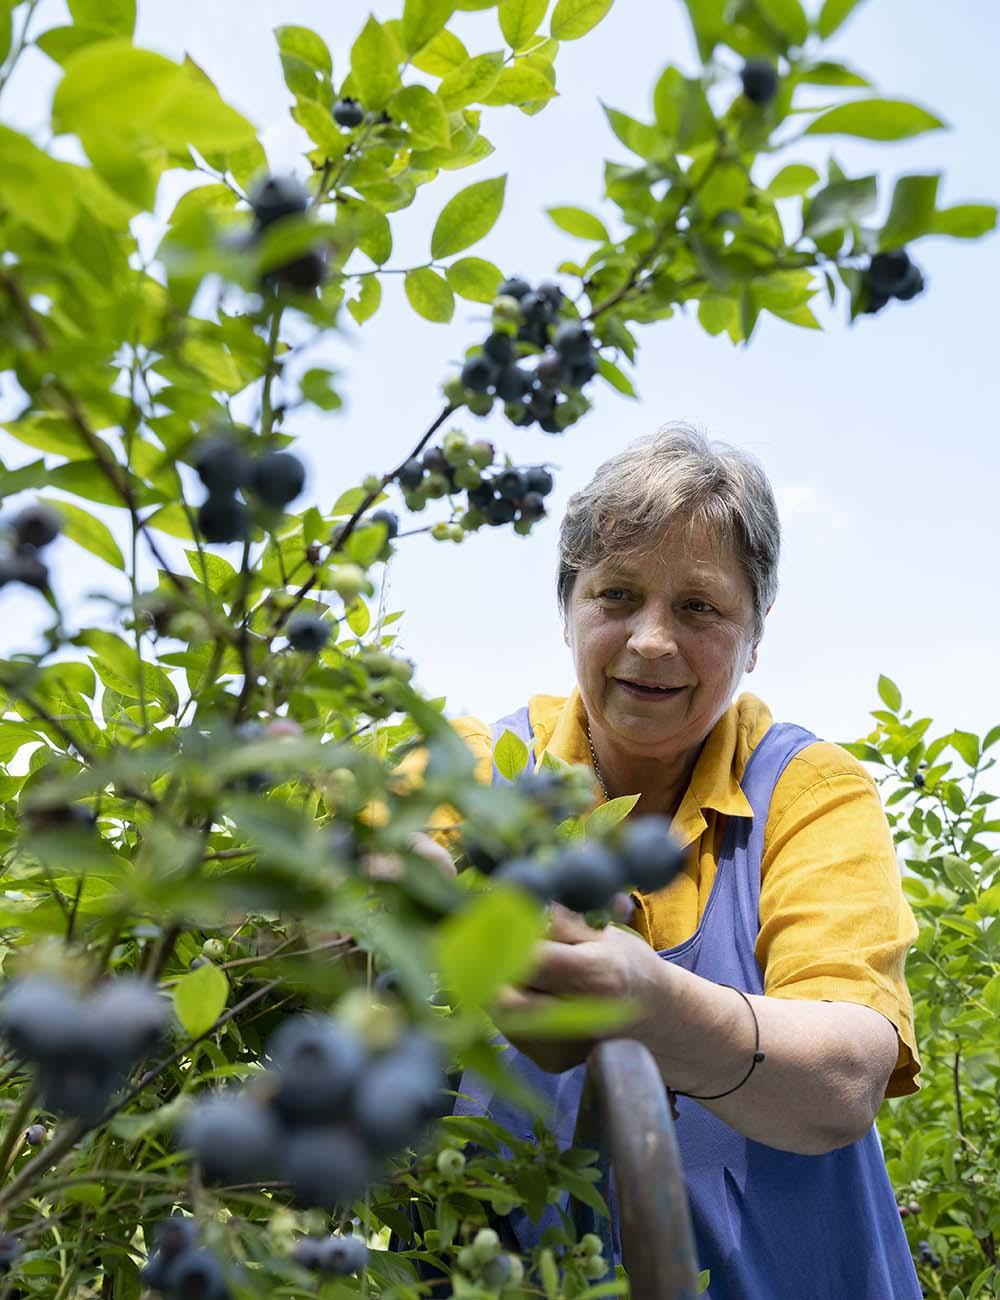 Portrait von Birgit Wahlen. Sie plückt während der Ernte frische Blaubeeren, die auch Heidelbeeren heißen. Alle Früchte sind auf dem Obsthof Wahlen in Bio-Qualität.